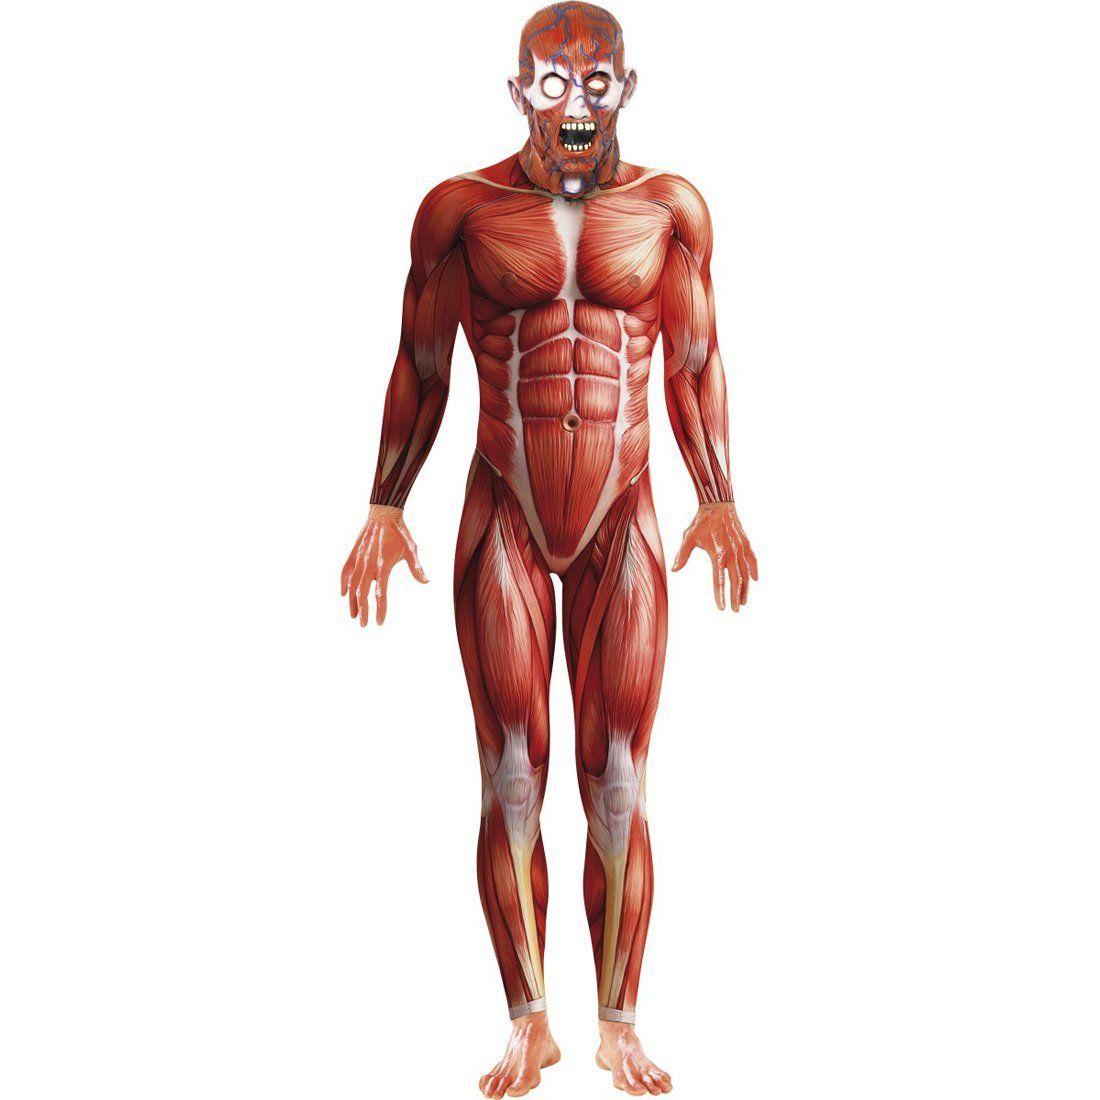 anatomie kost m ganzk rperanzug rot second skin zweite haut stretchanzug faschingskost me. Black Bedroom Furniture Sets. Home Design Ideas